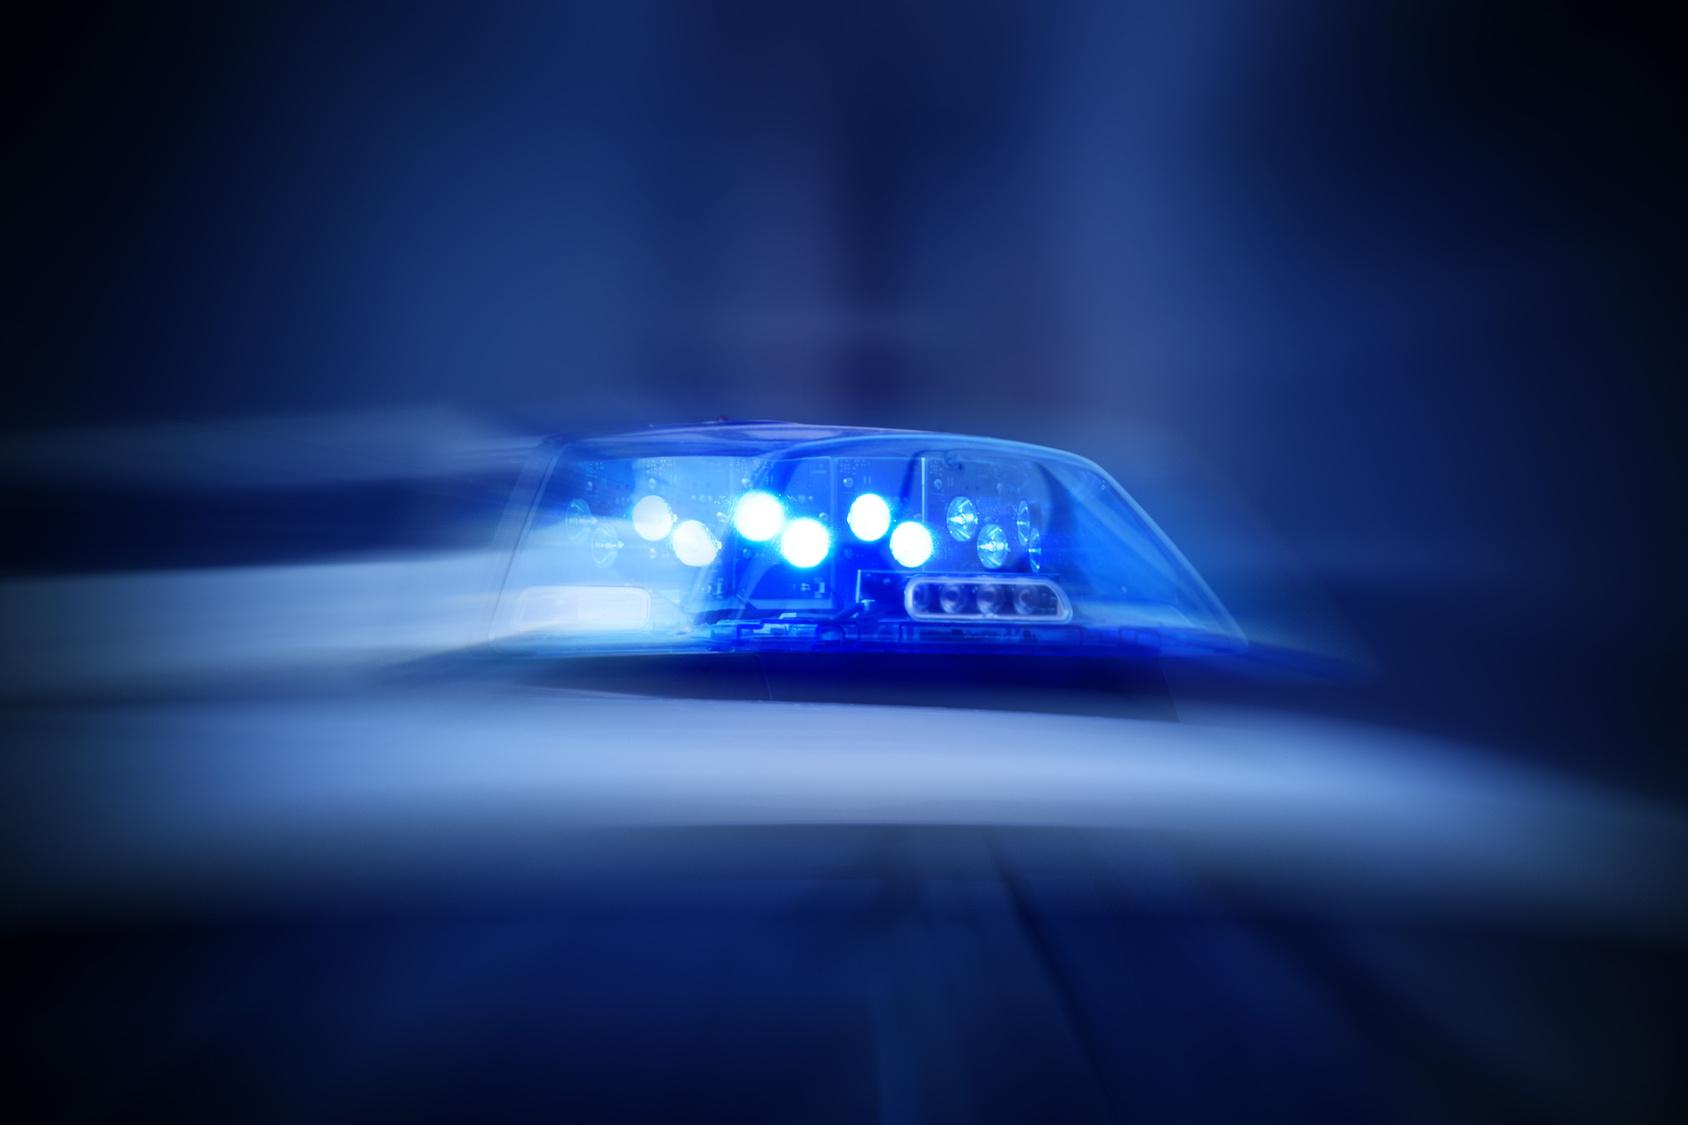 Polizei sucht dringend Hinweise: Mann belästigt spielende Mädchen!